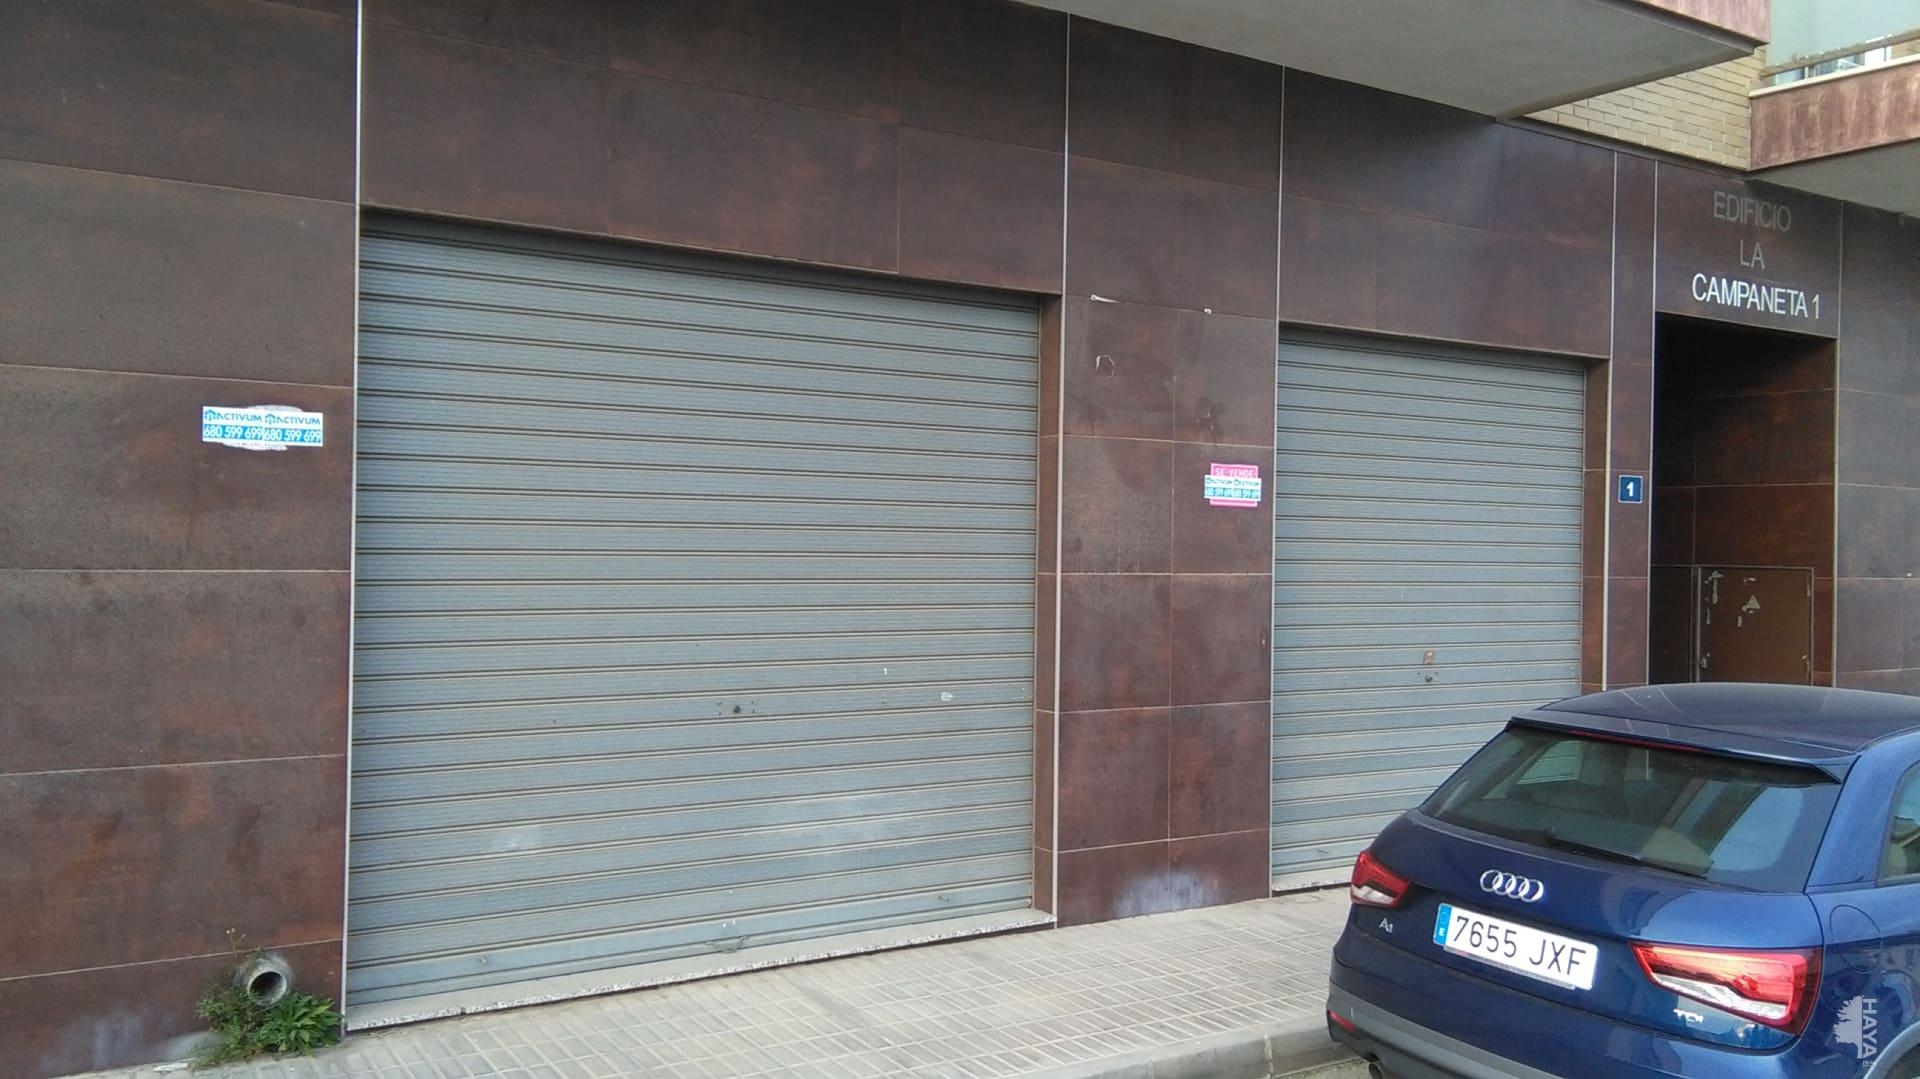 Local en venta en La Campaneta, Orihuela, Alicante, Calle Orihuela, 80.427 €, 158 m2